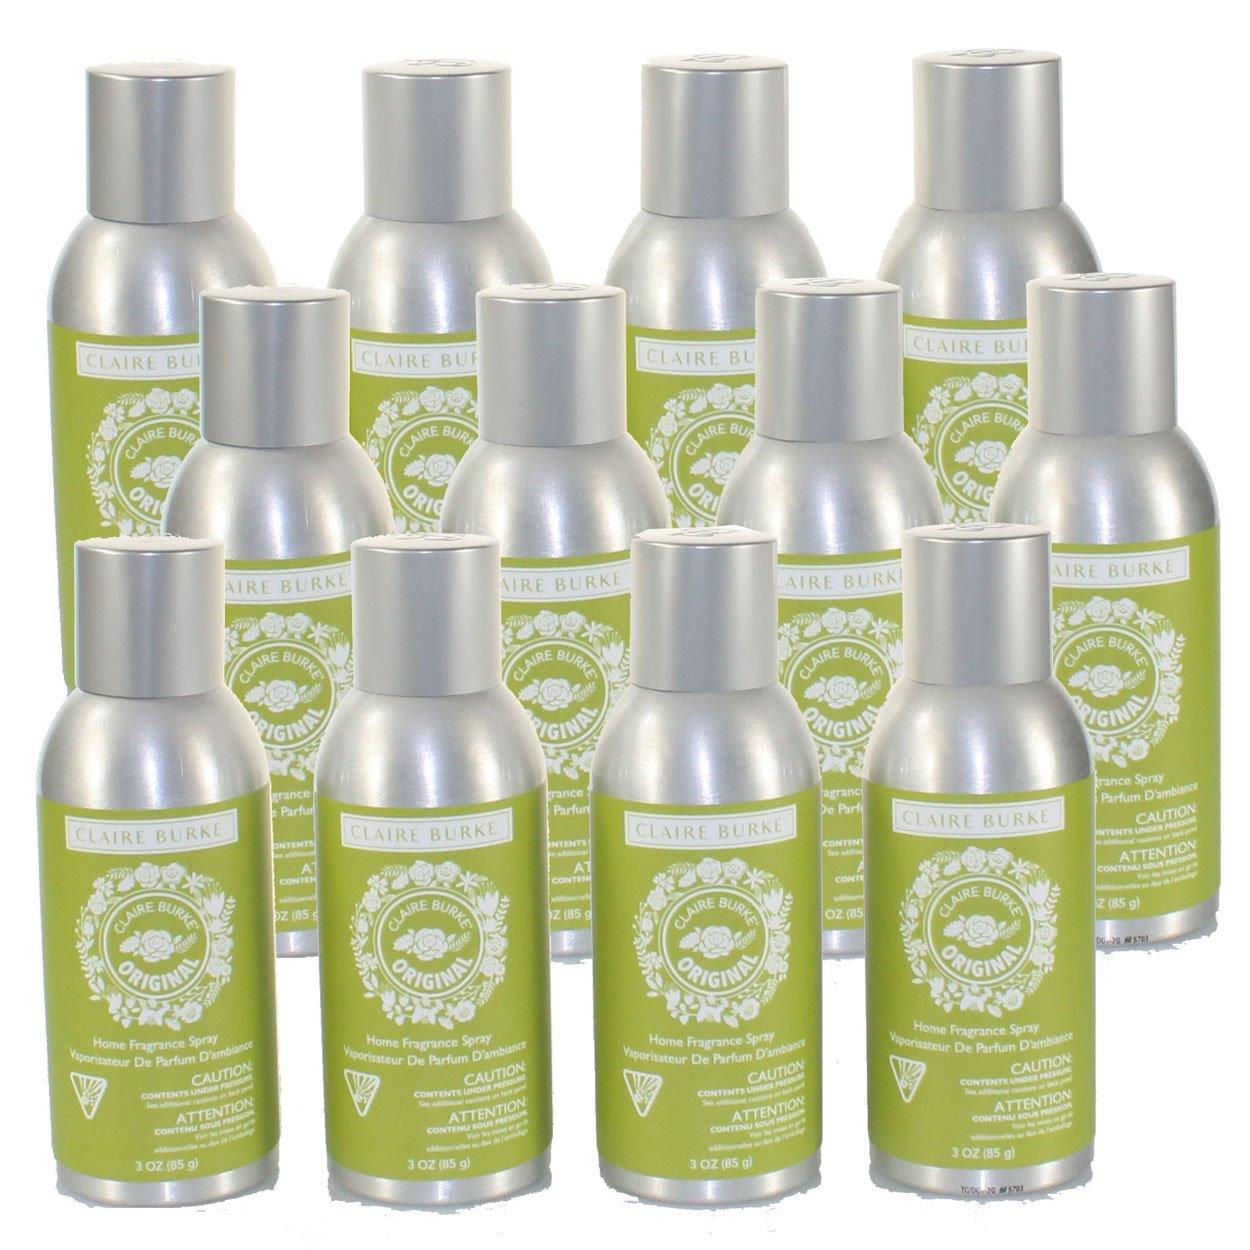 Claire Burke Original Room Spray 12 Pack